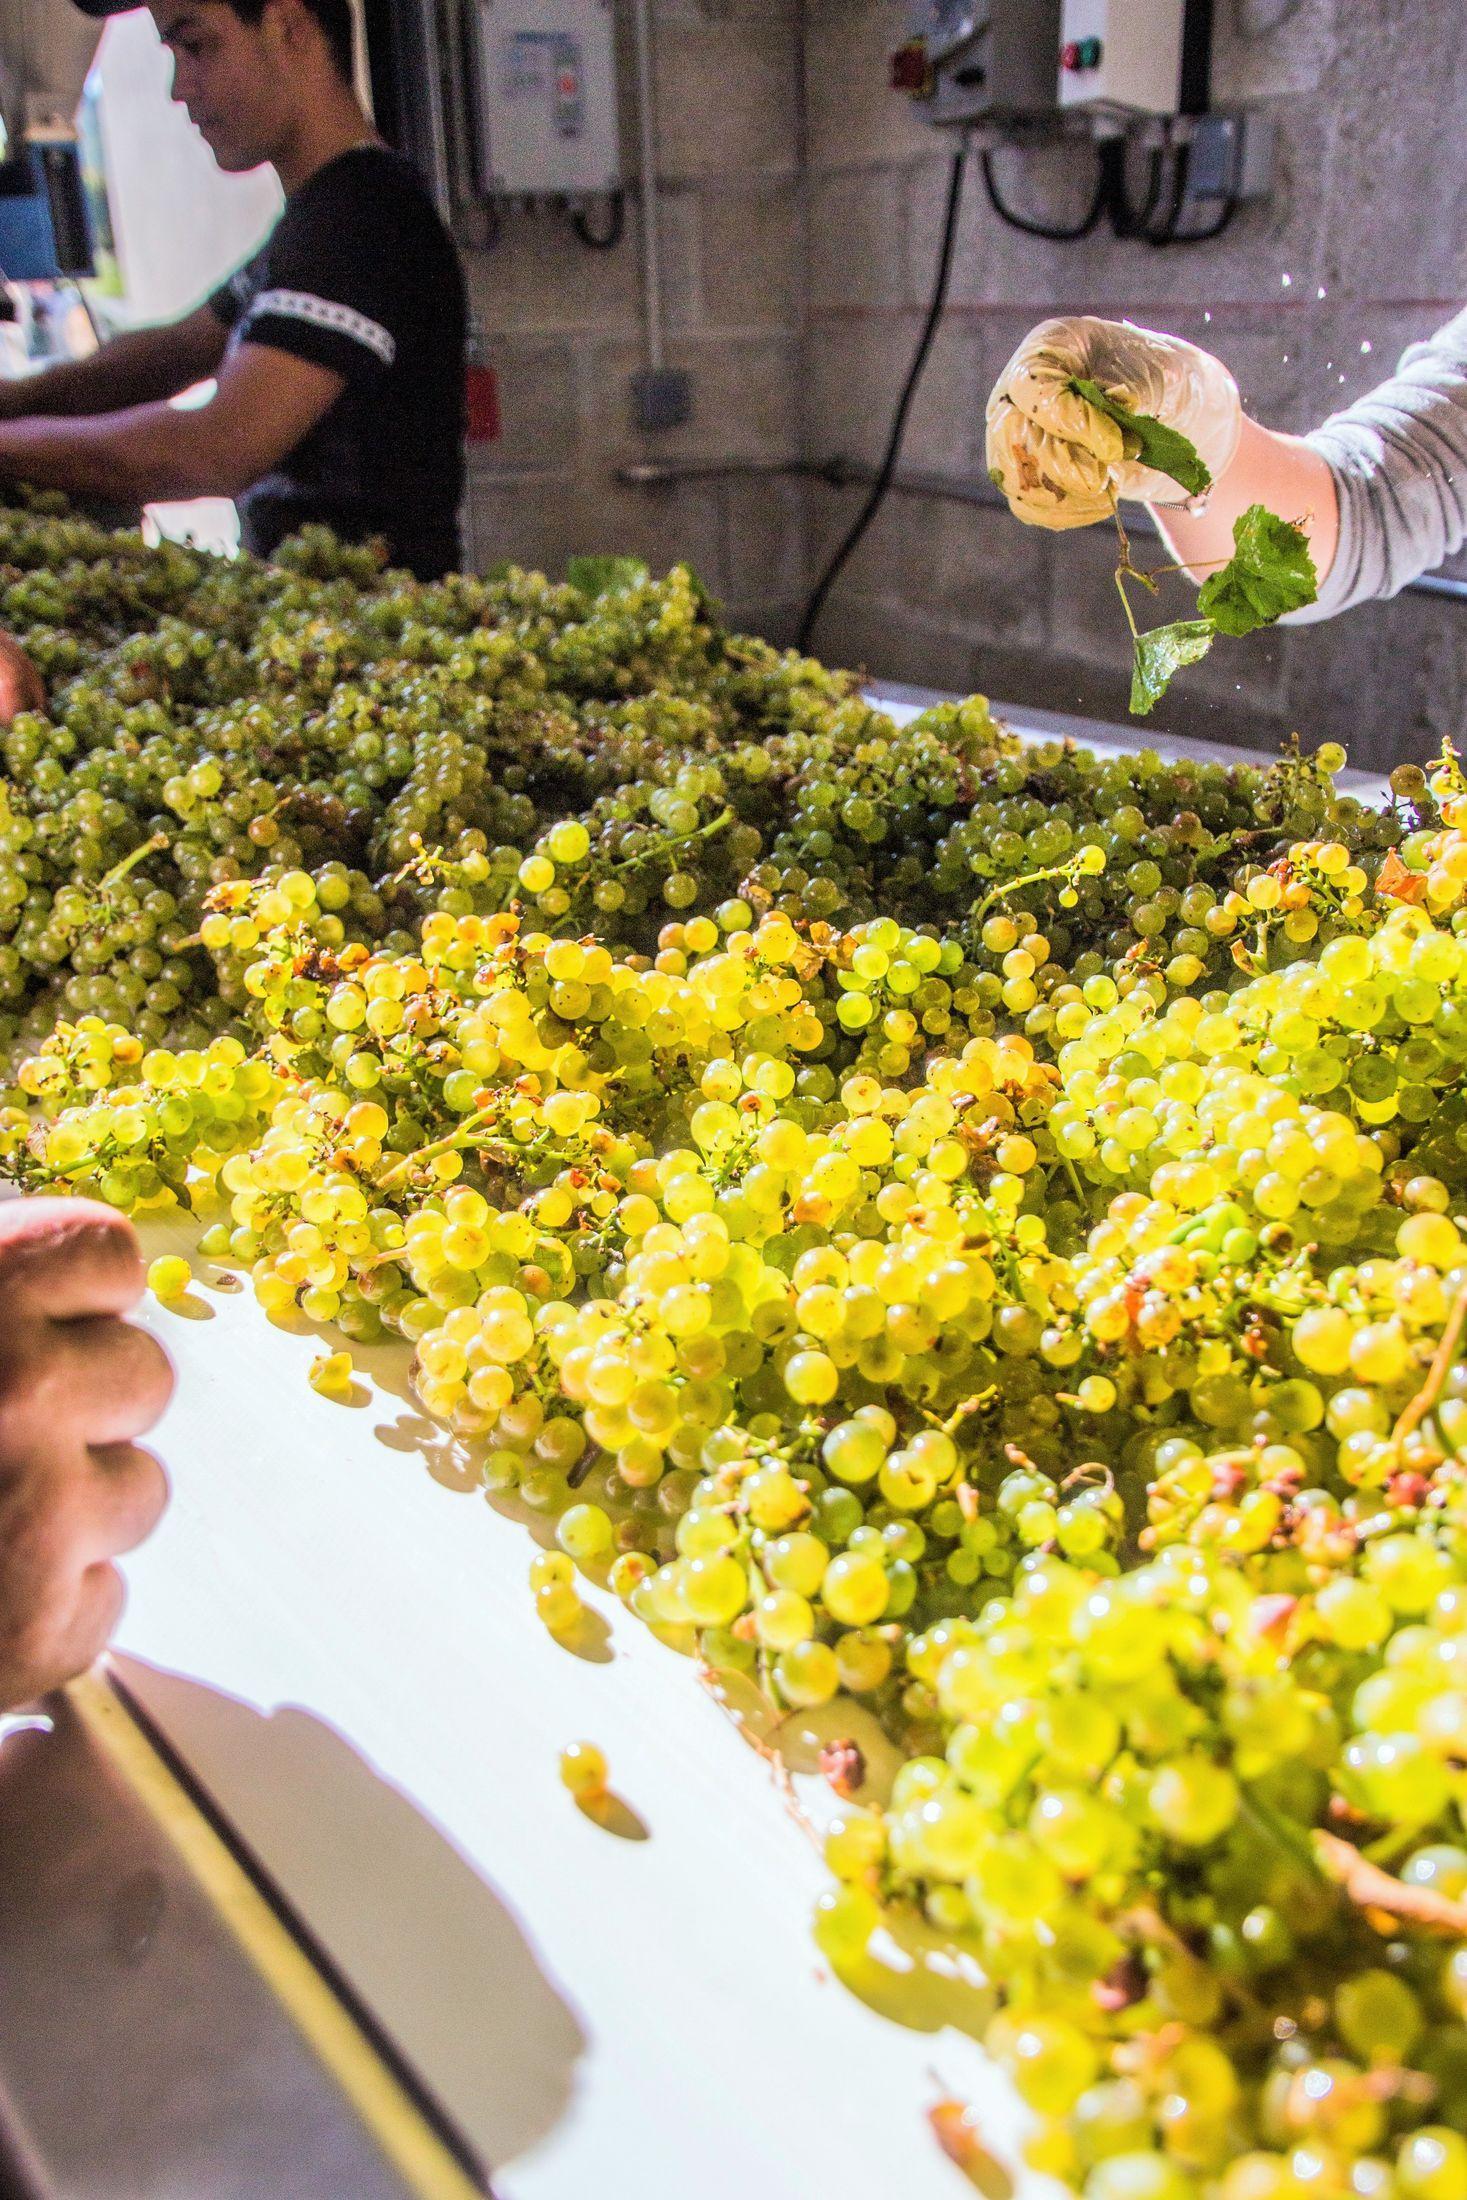 生科生化學生未來的發展可能之一 – 葡萄產業